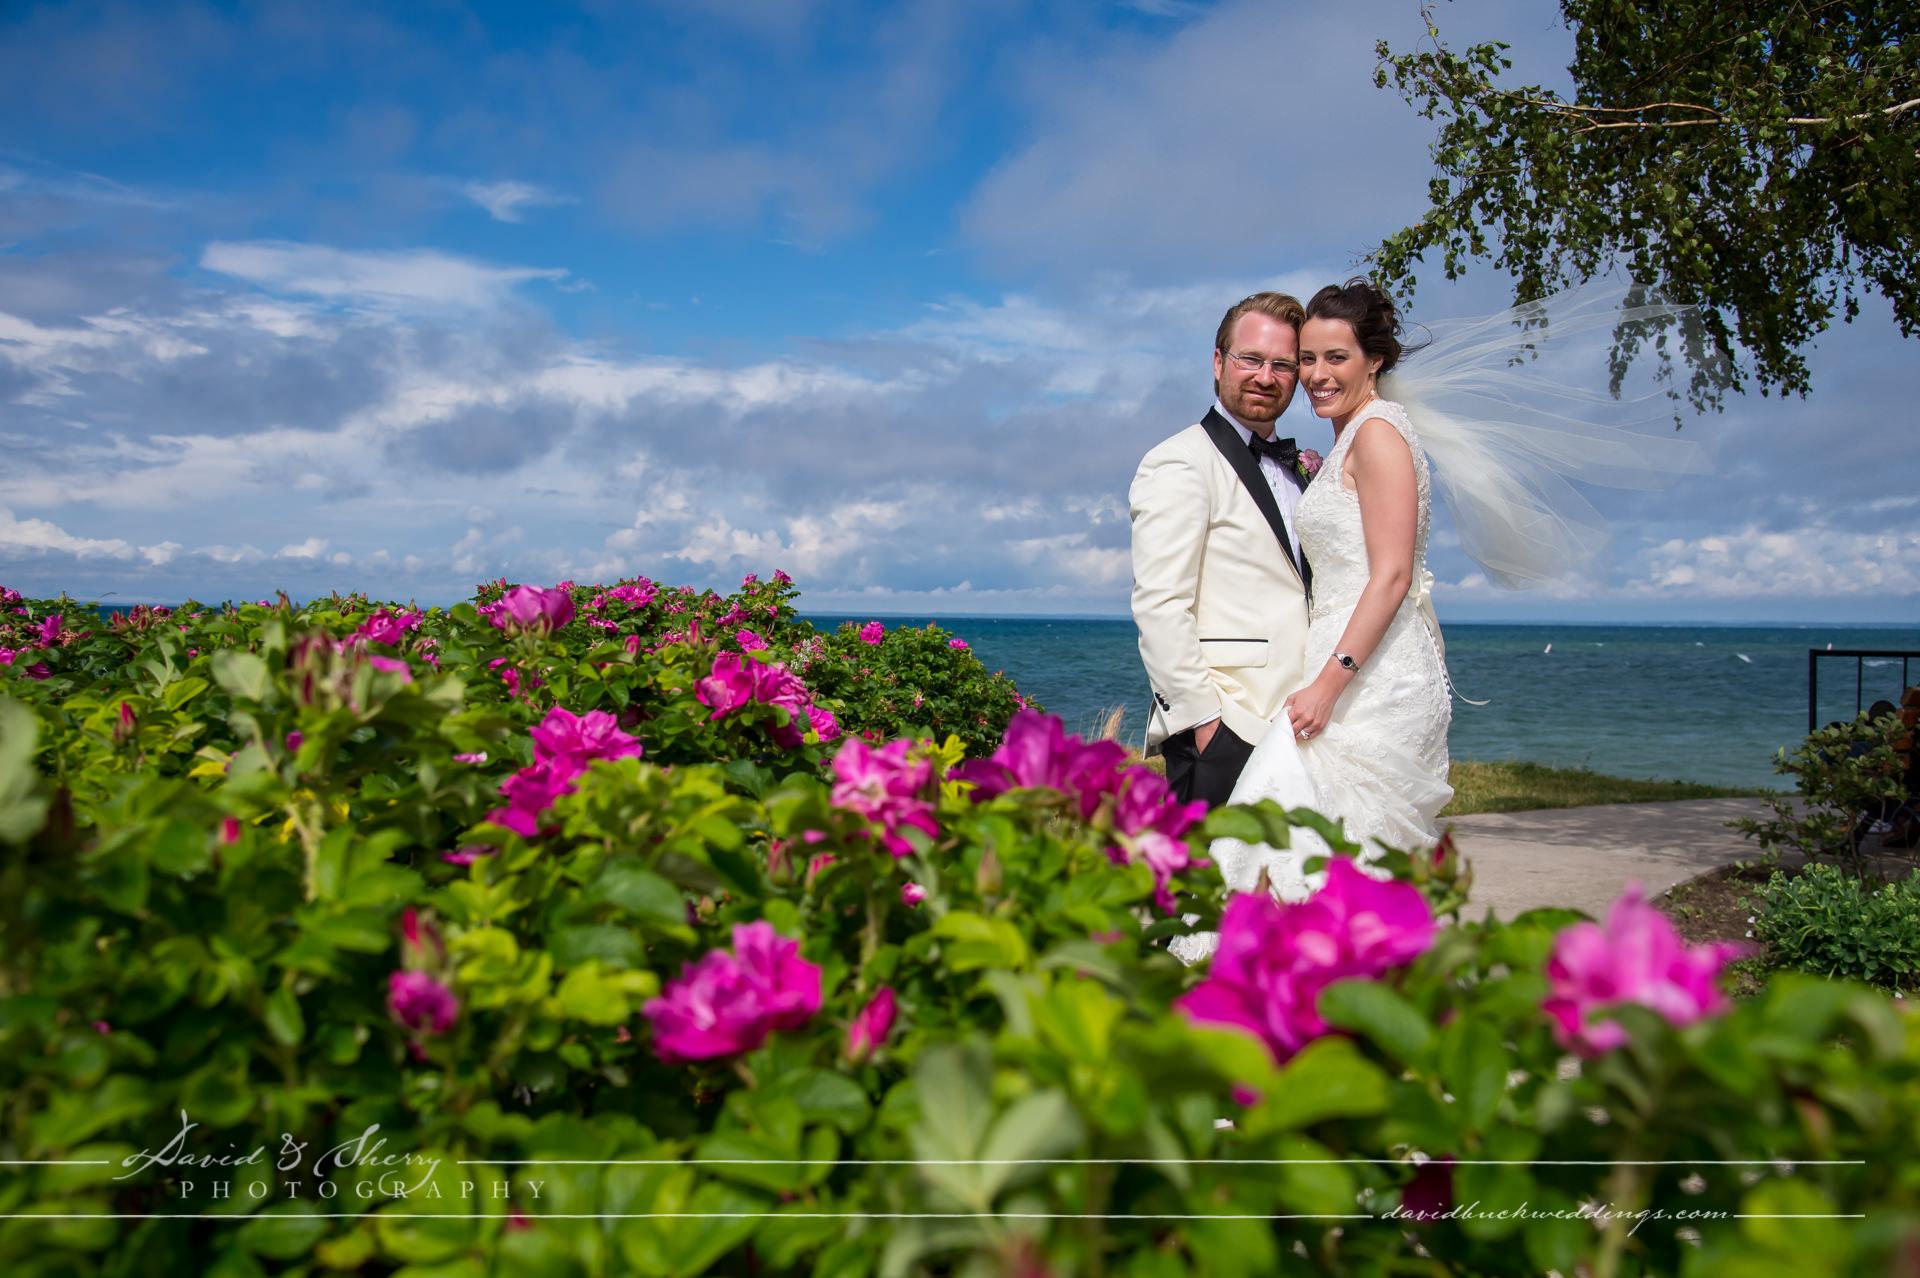 Craigleith_Ski_Club_Wedding_020